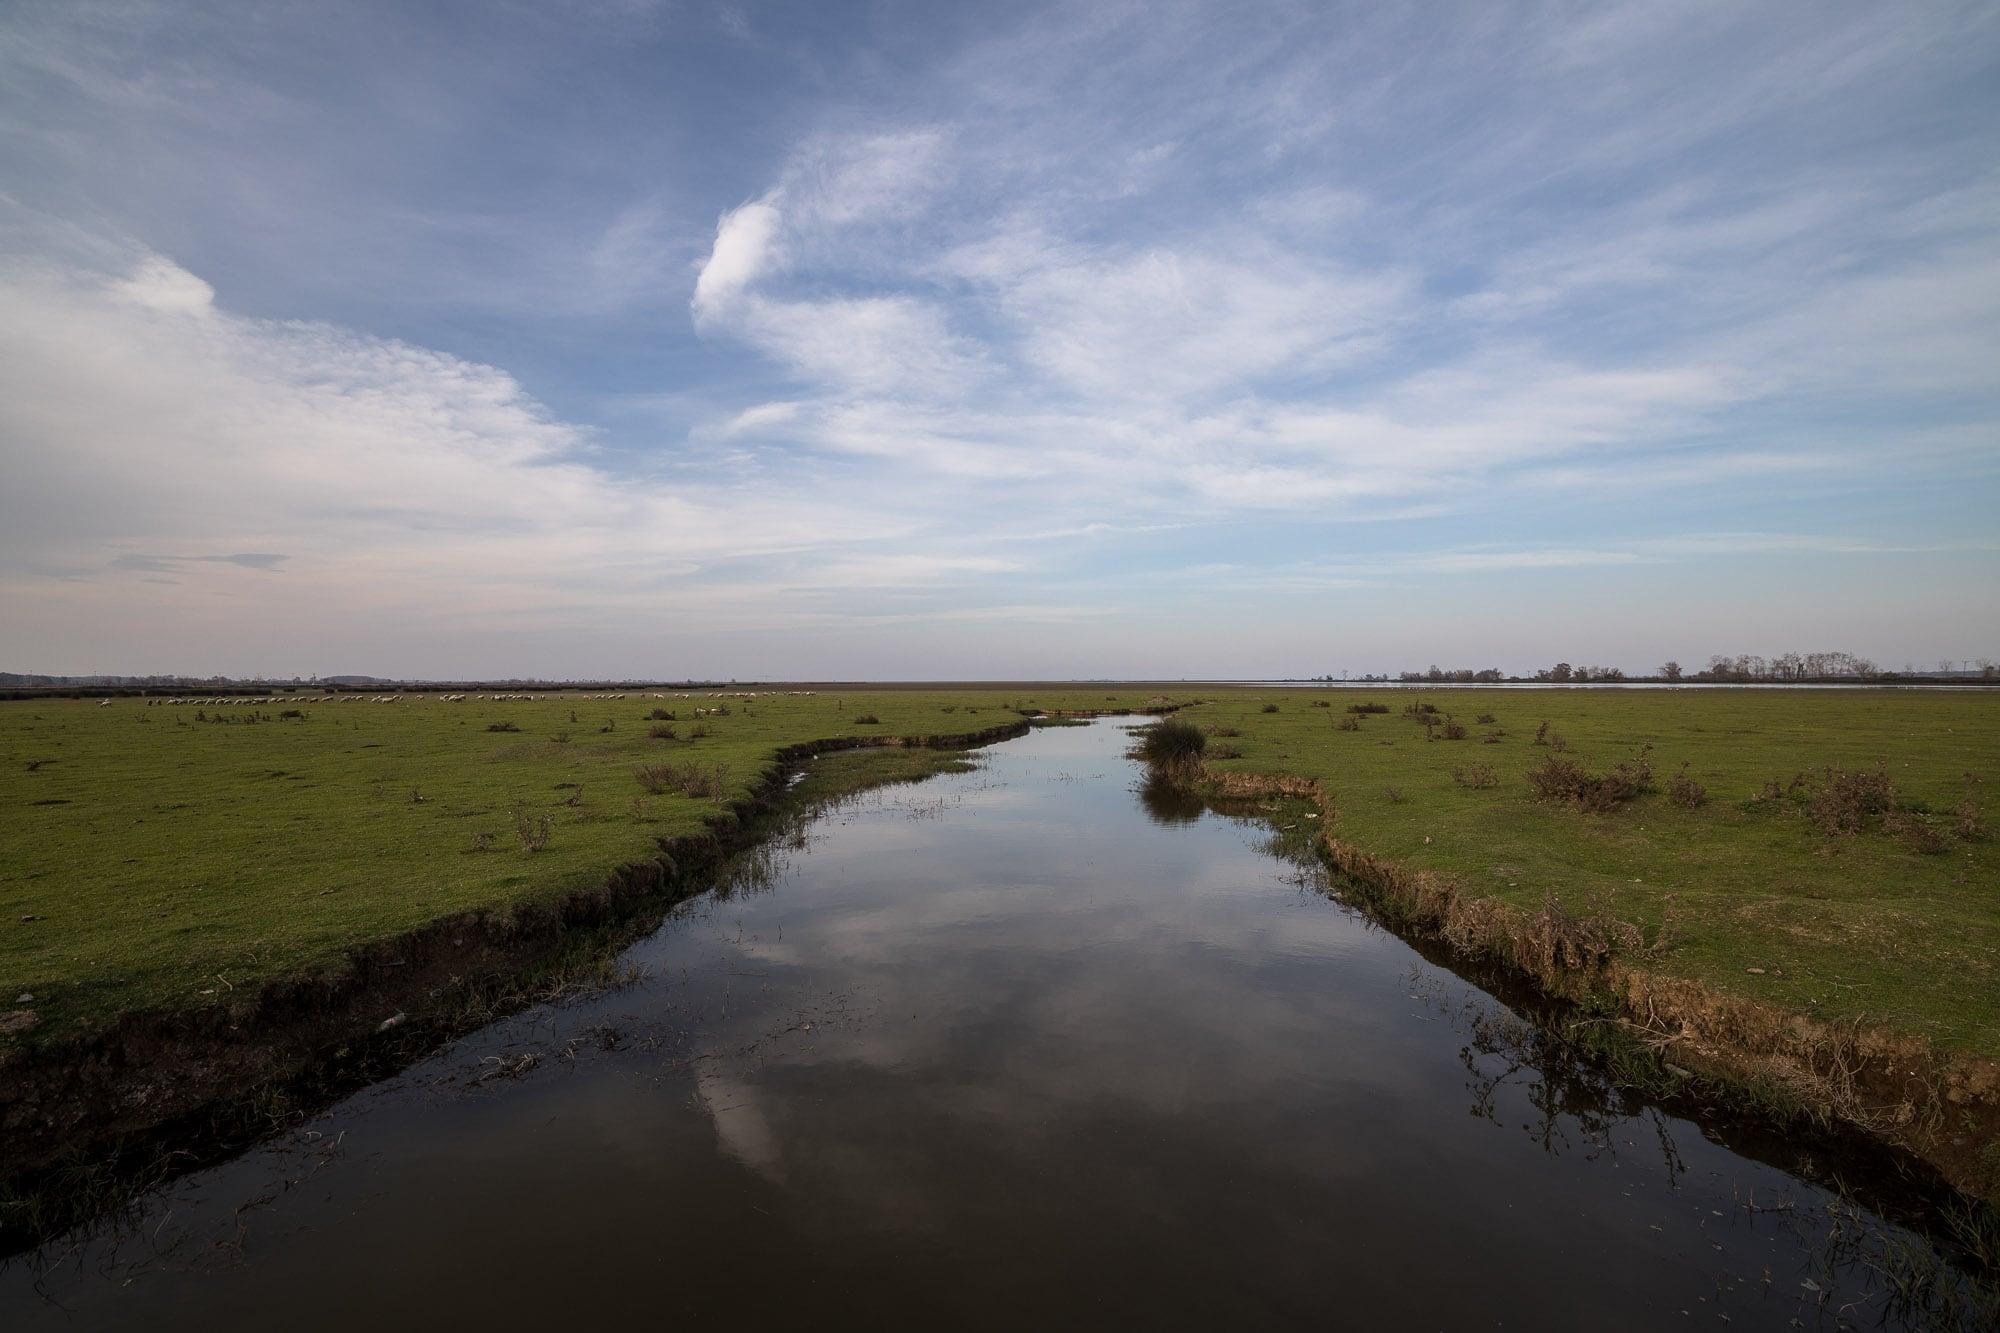 marshland near Yörükler